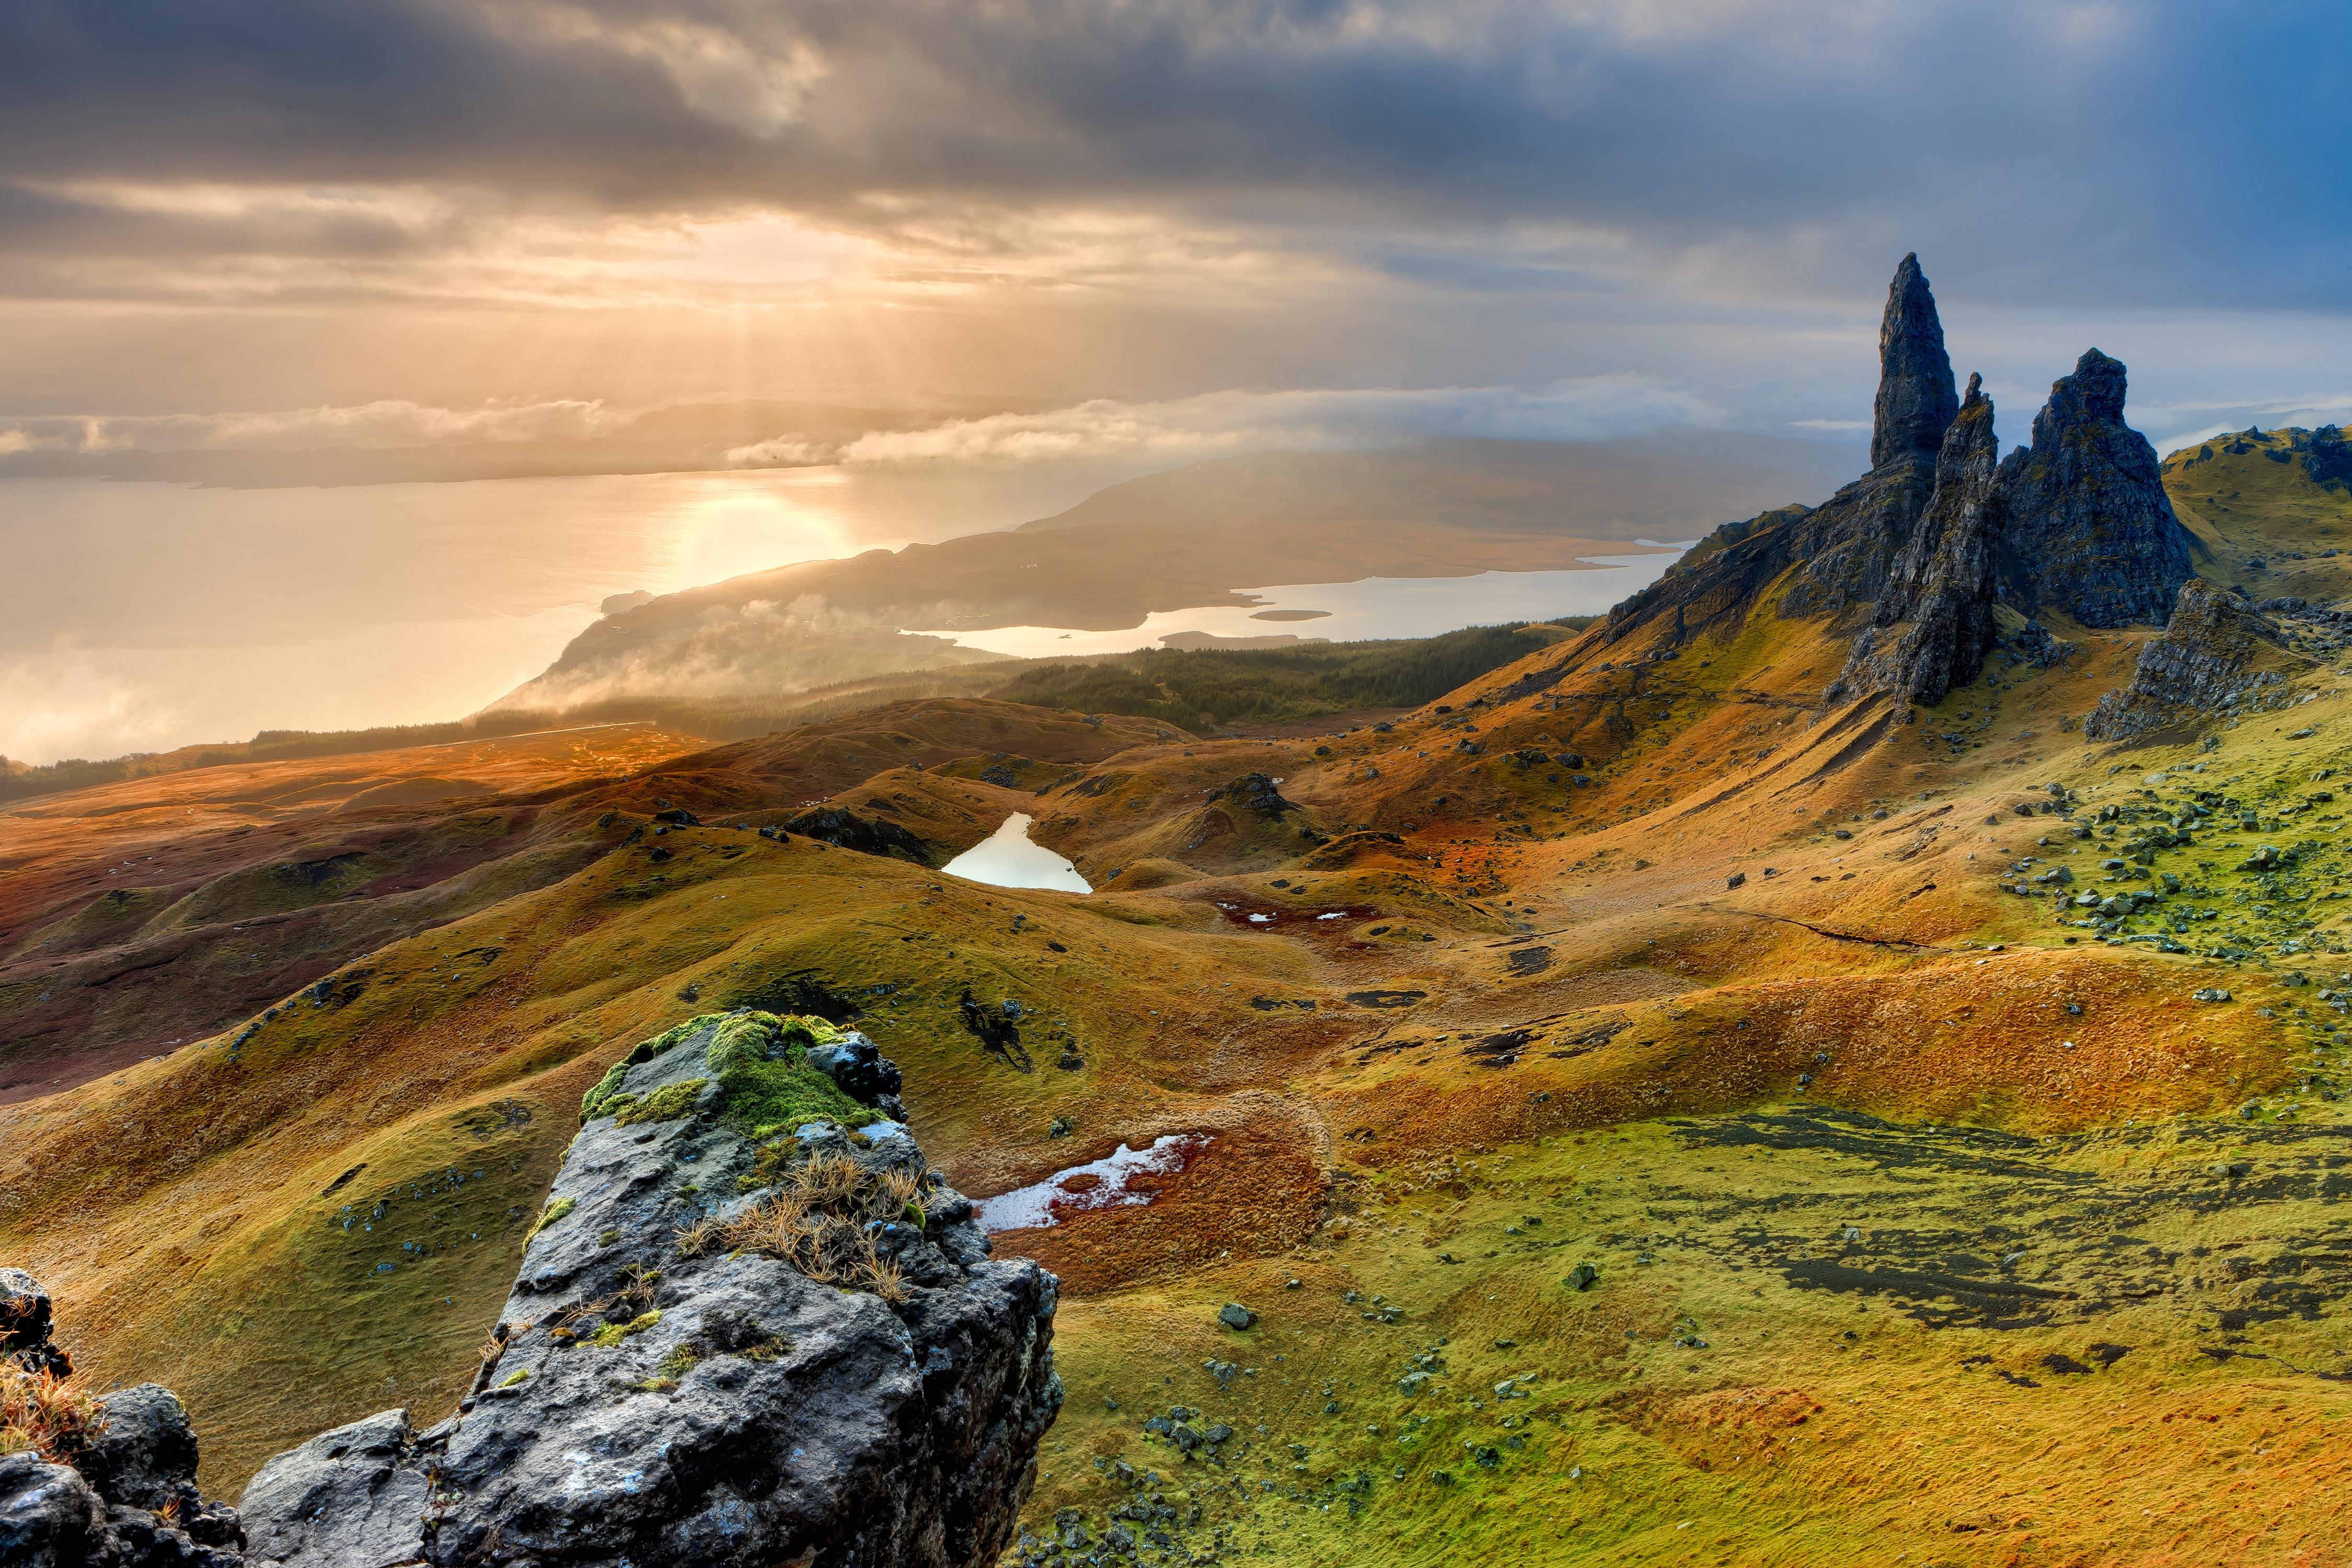 забавные холмы и горы картинки находится вершине огромной